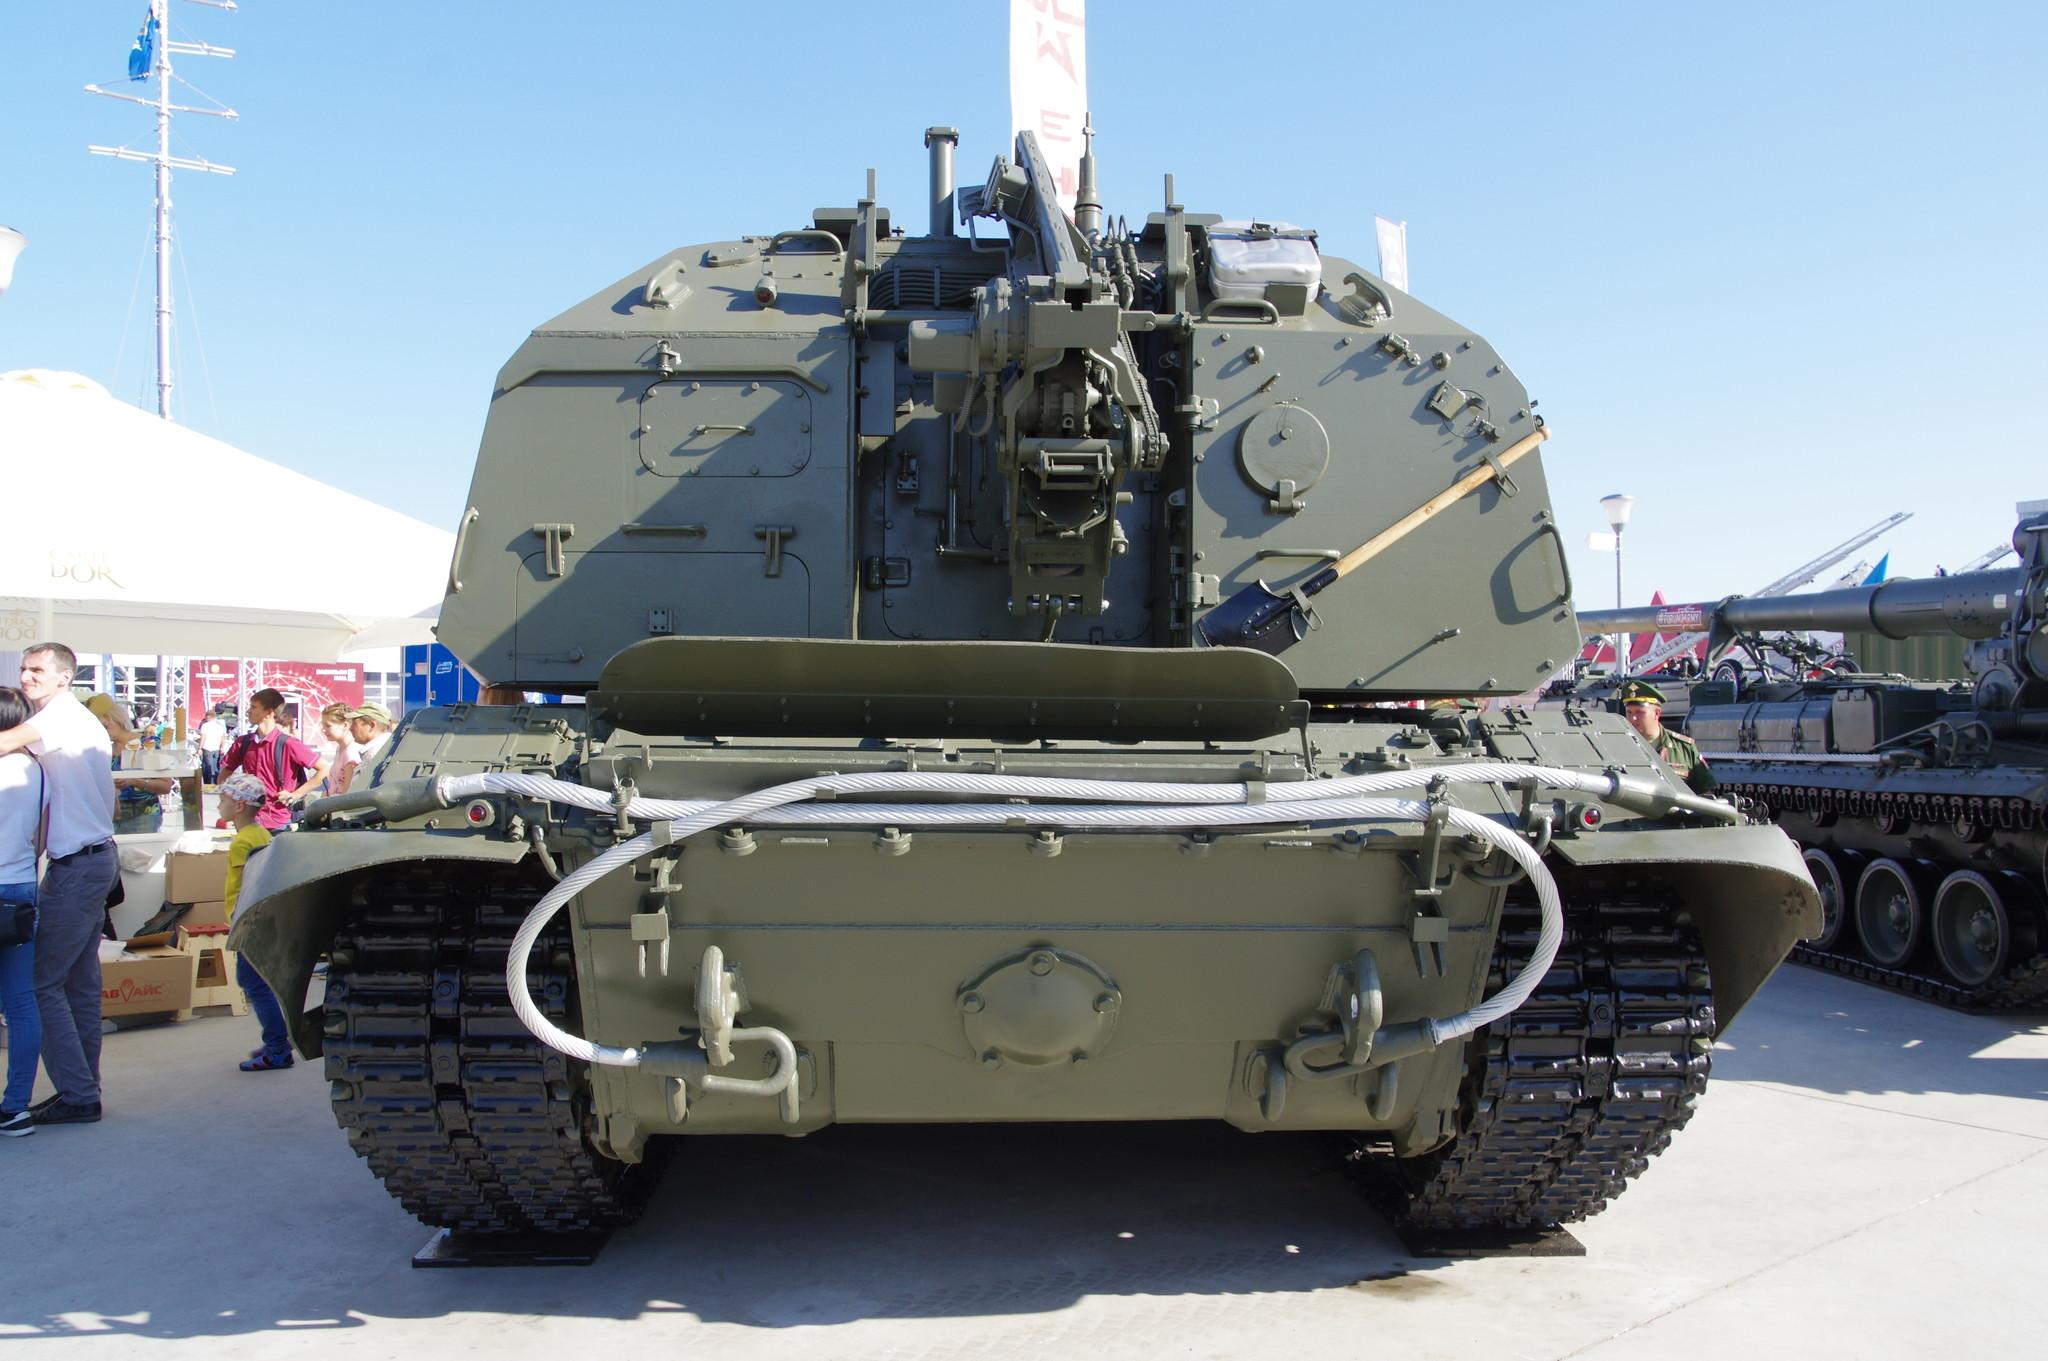 152-мм самоходная дивизионная гаубица 2С19М2 «Мста-СМ»